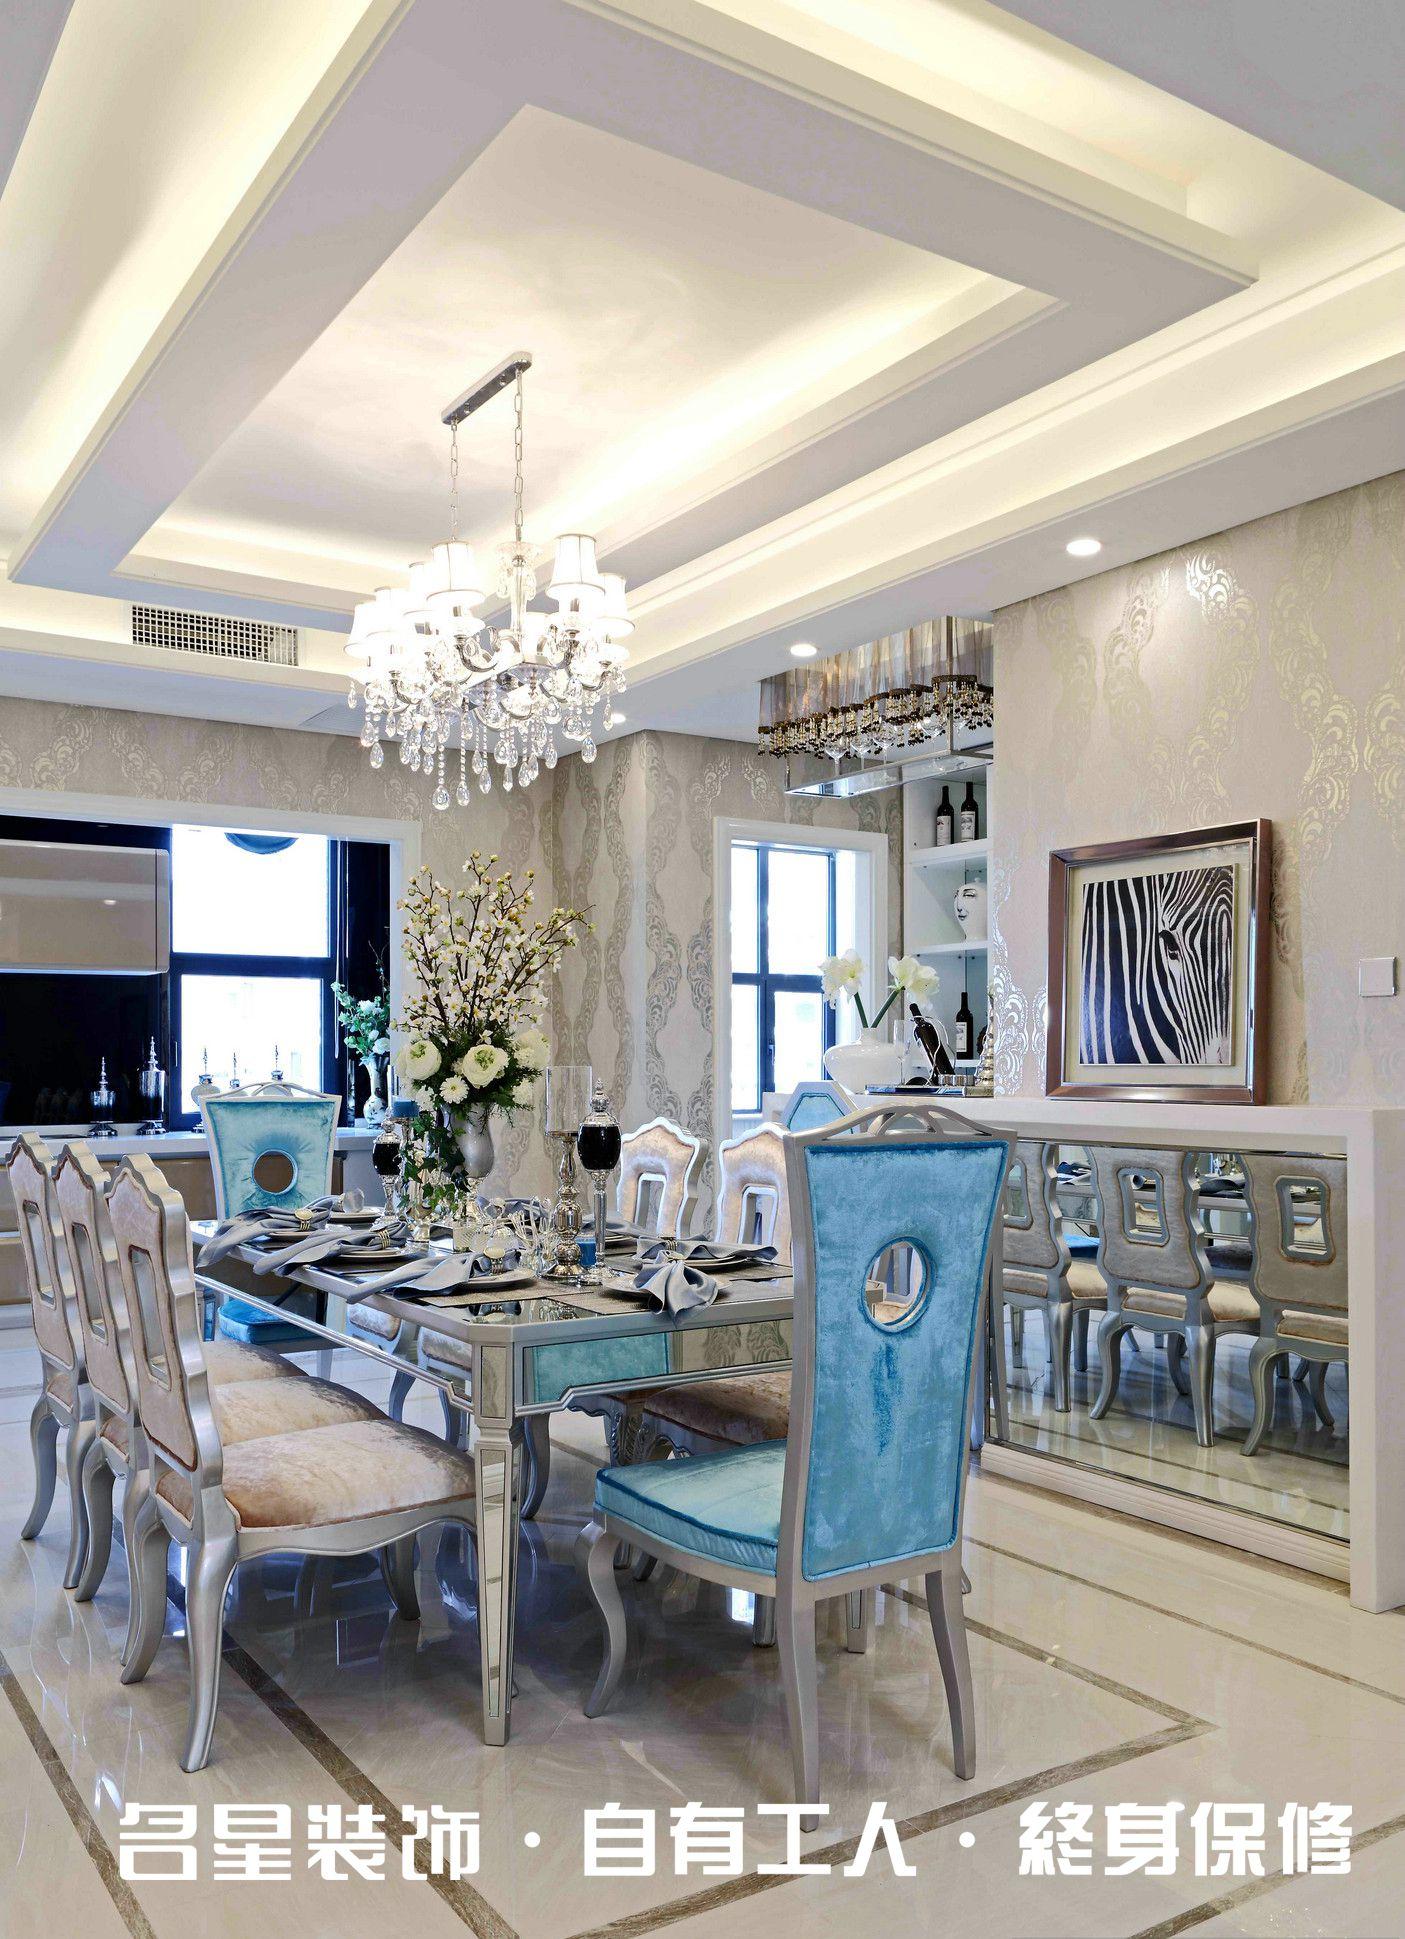 三居 欧式 低奢 餐厅图片来自名星装饰在复地东湖国际的分享